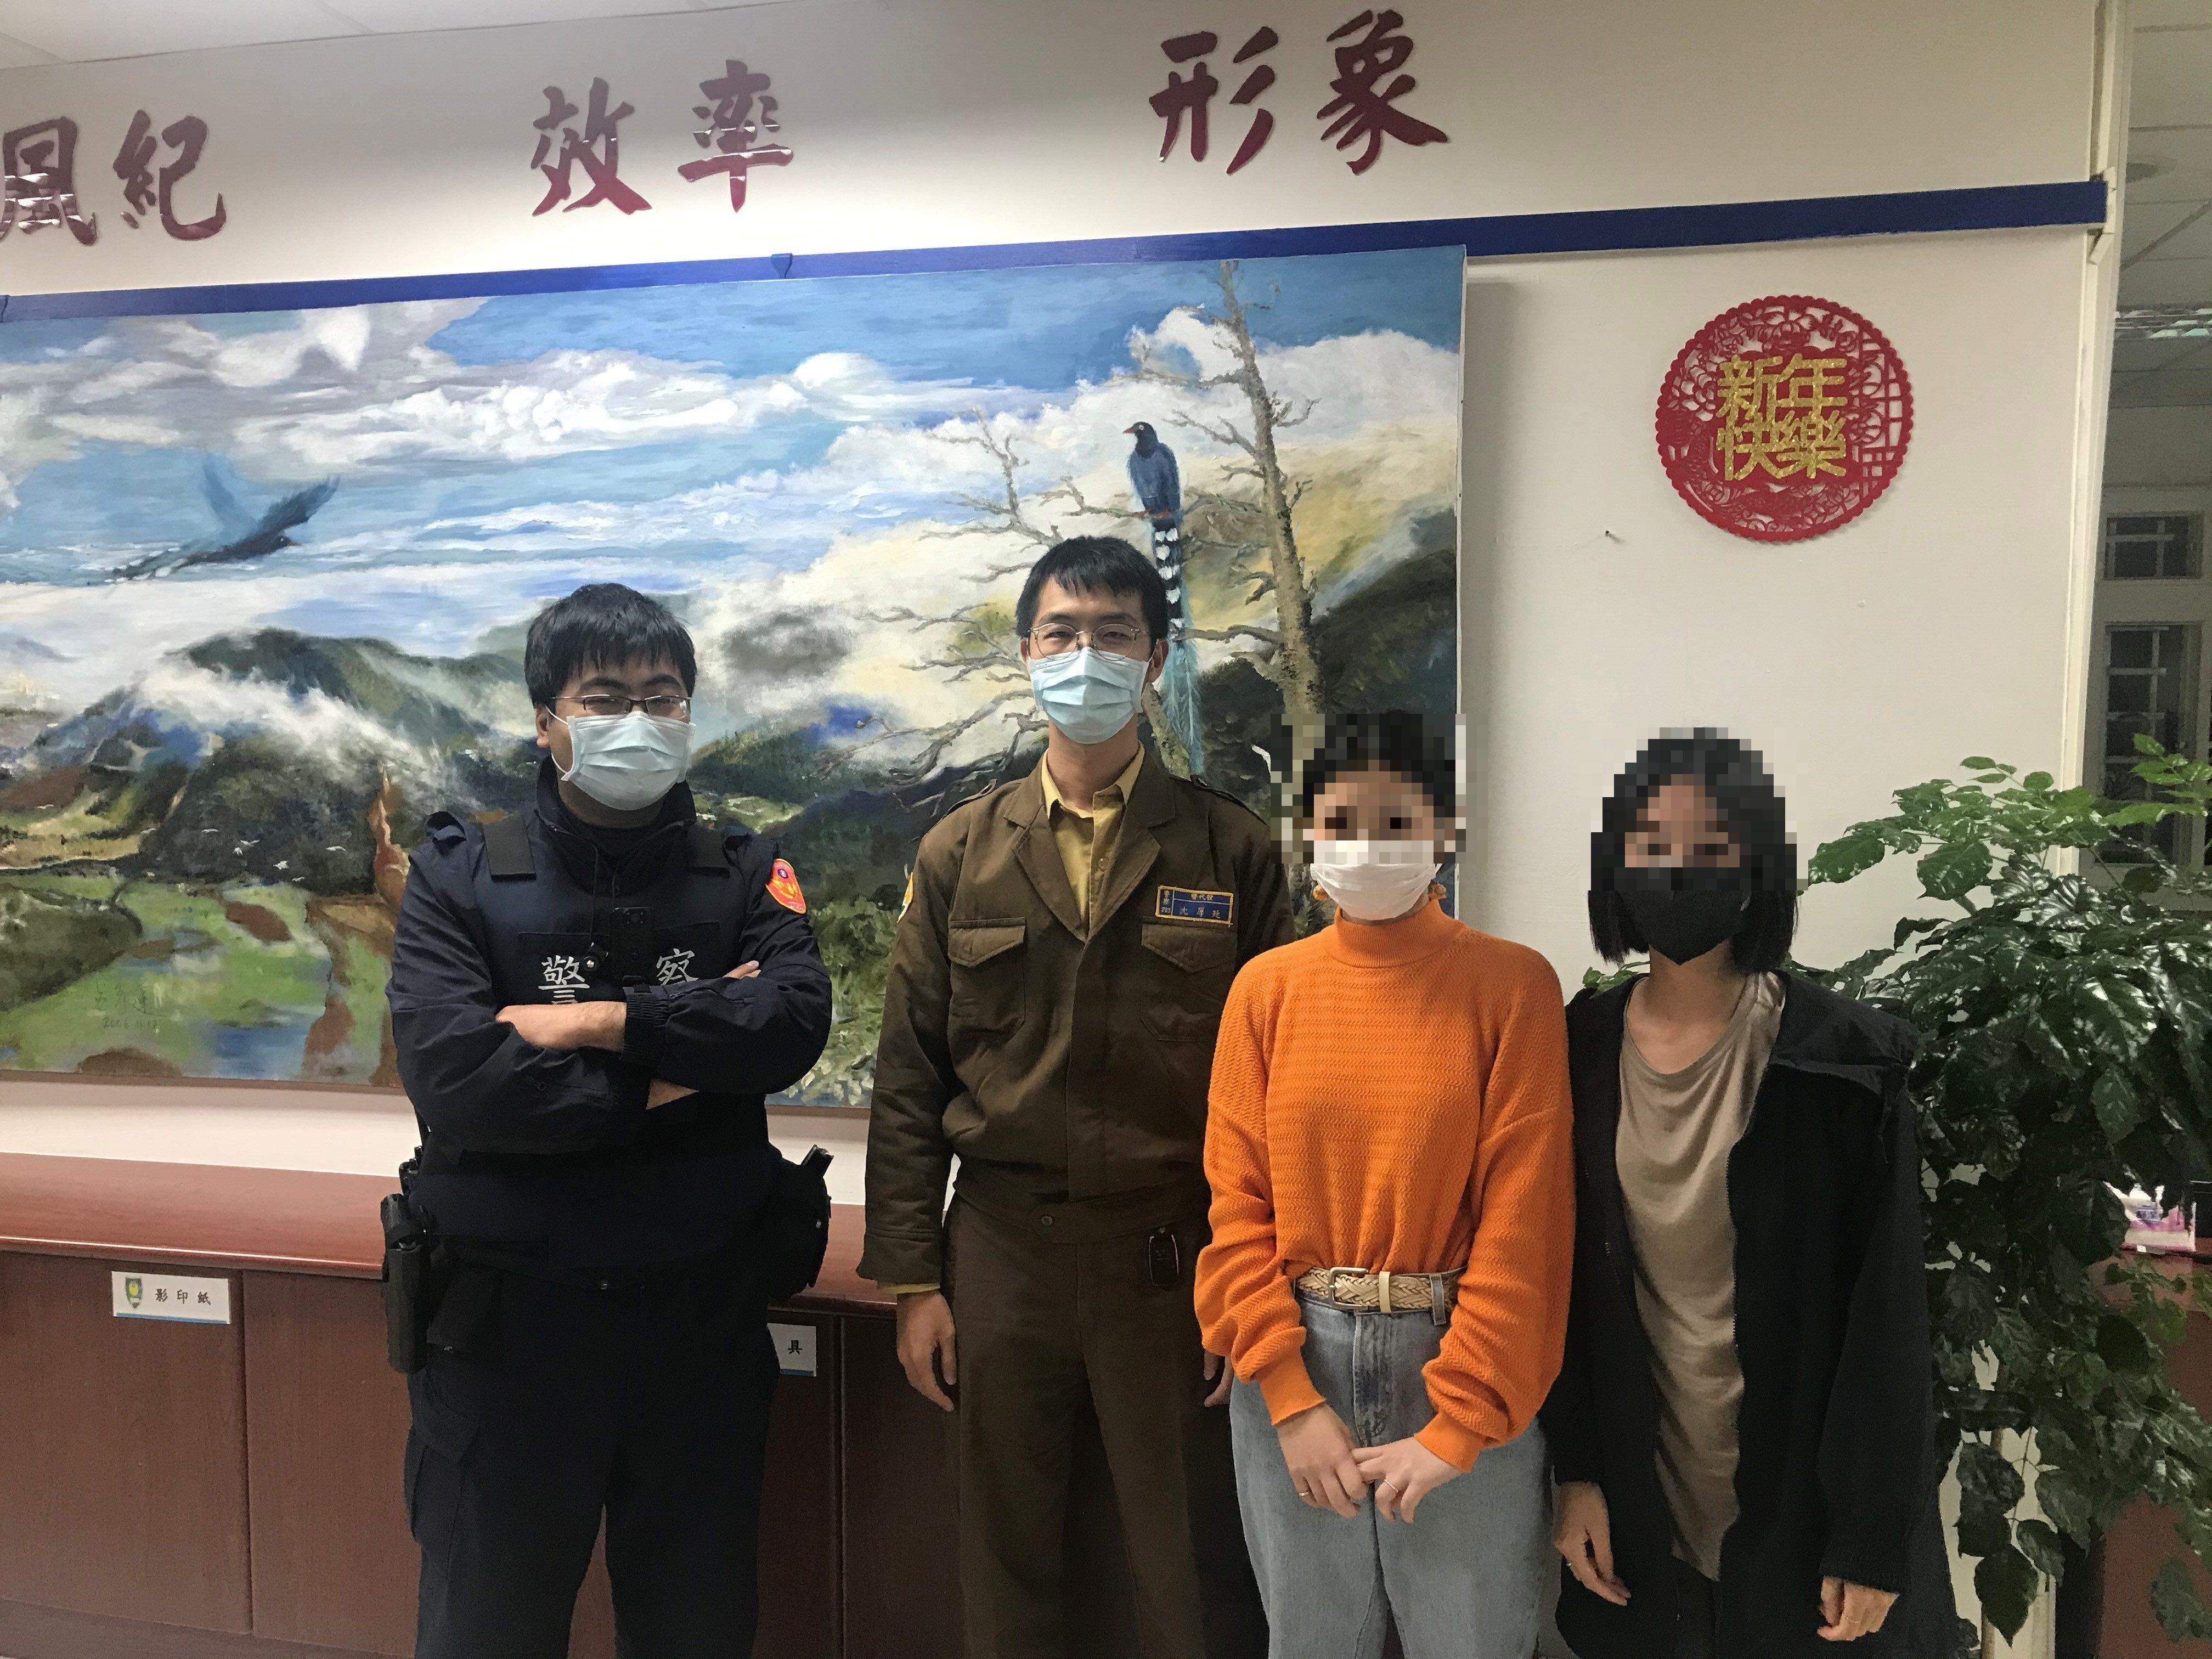 竹子湖所員警協助受困旅客下山合影